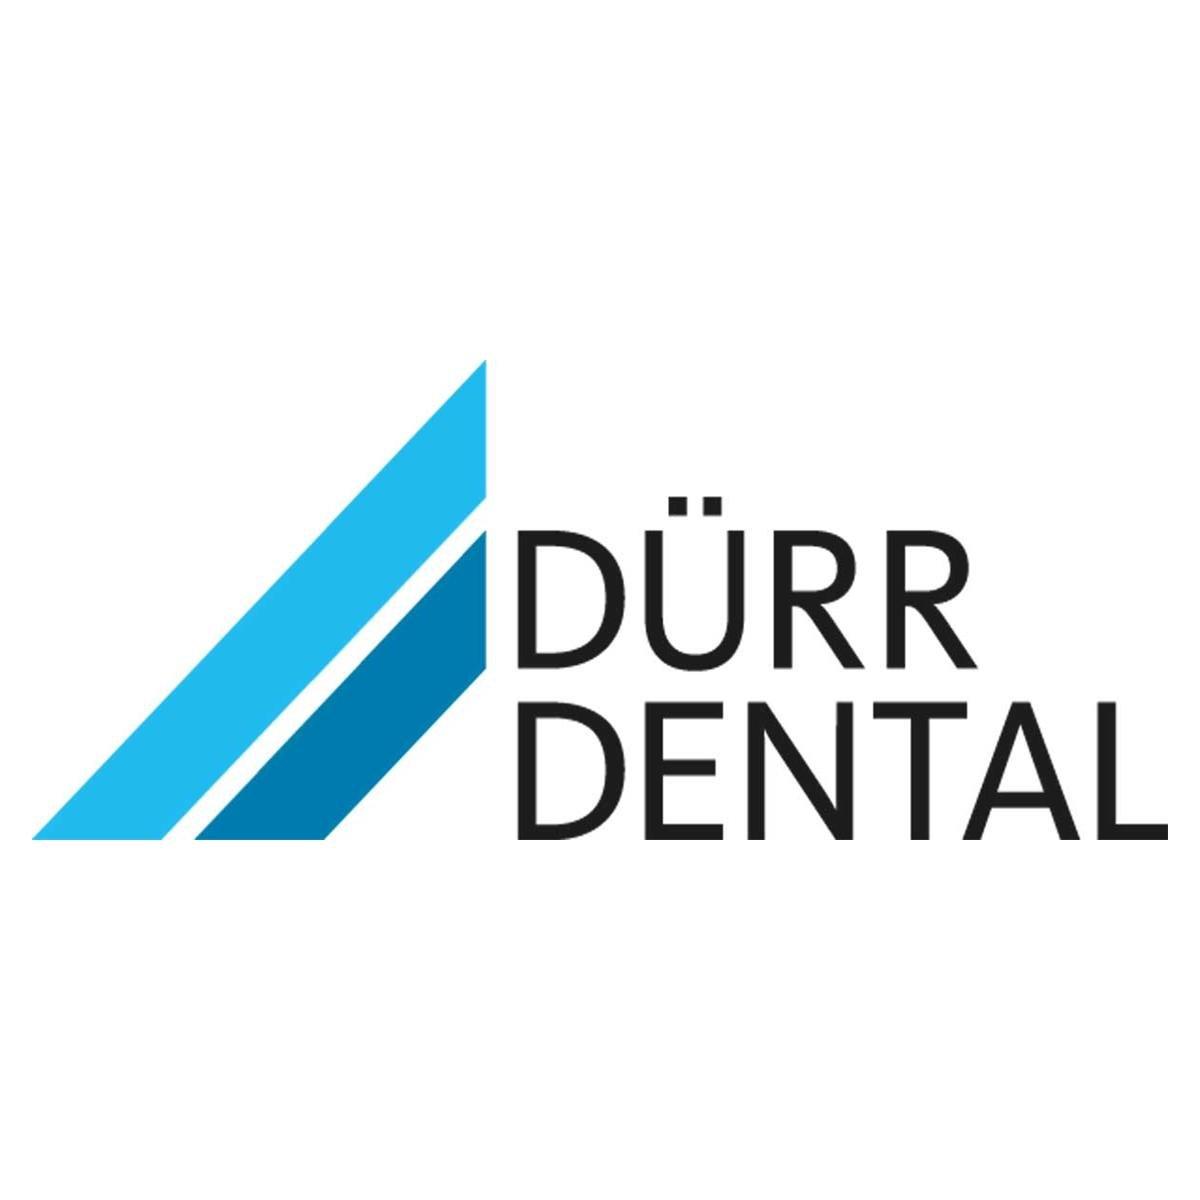 logo-durr_1200x1200.jpg